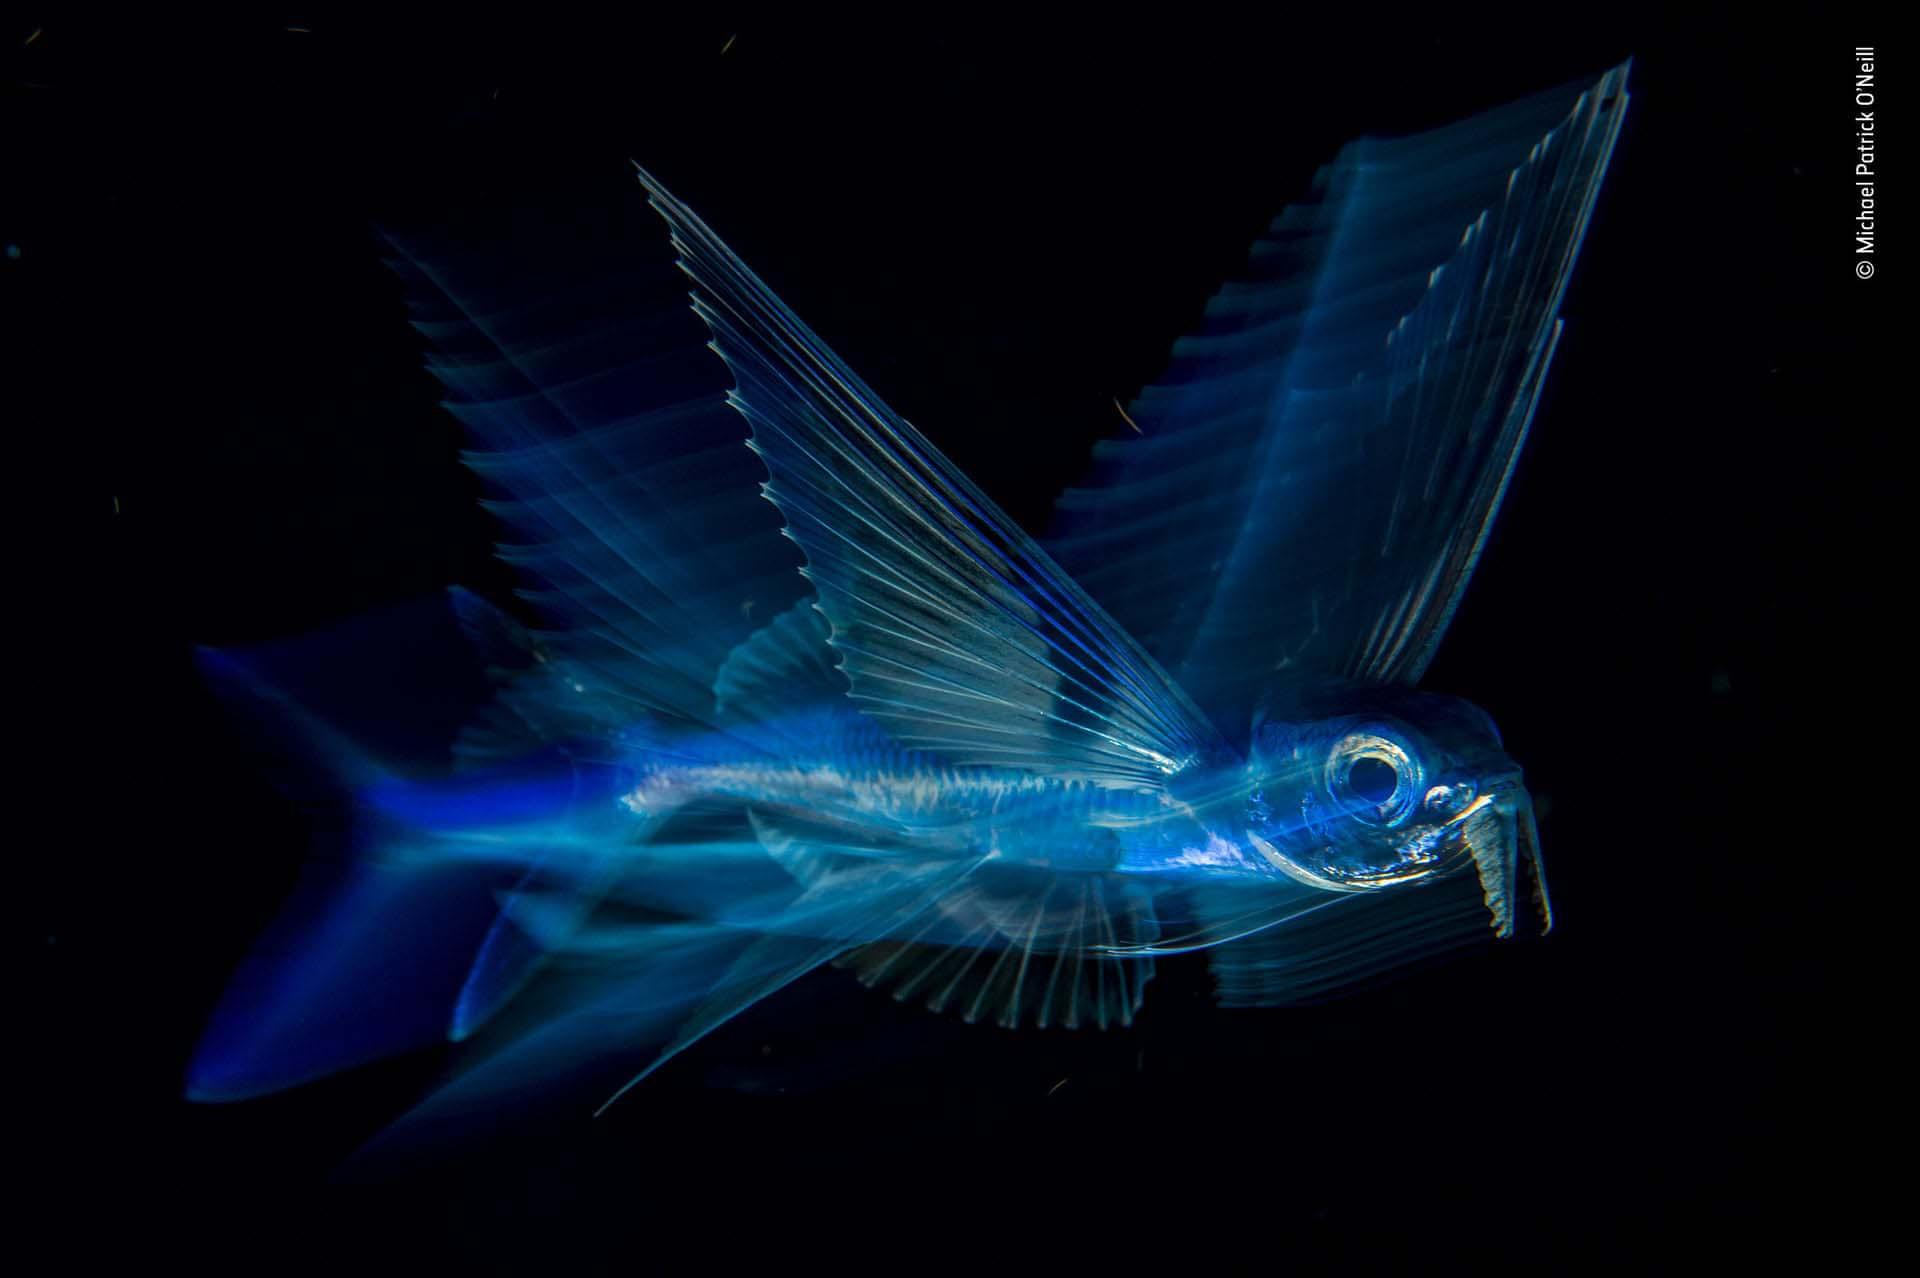 'Vuelo nocturno': Una noche, buceando en aguas profundas, Michael Patrick O´Neil seguía a un pez volador. Durante el día, se mueven extraordinariamente rápido, pero durante la noche nadan lentamente justo debajo de la superficie. Intentó varios ajustes de obturador y flash, mientras hacía un seguimiento de su pequeño sujeto